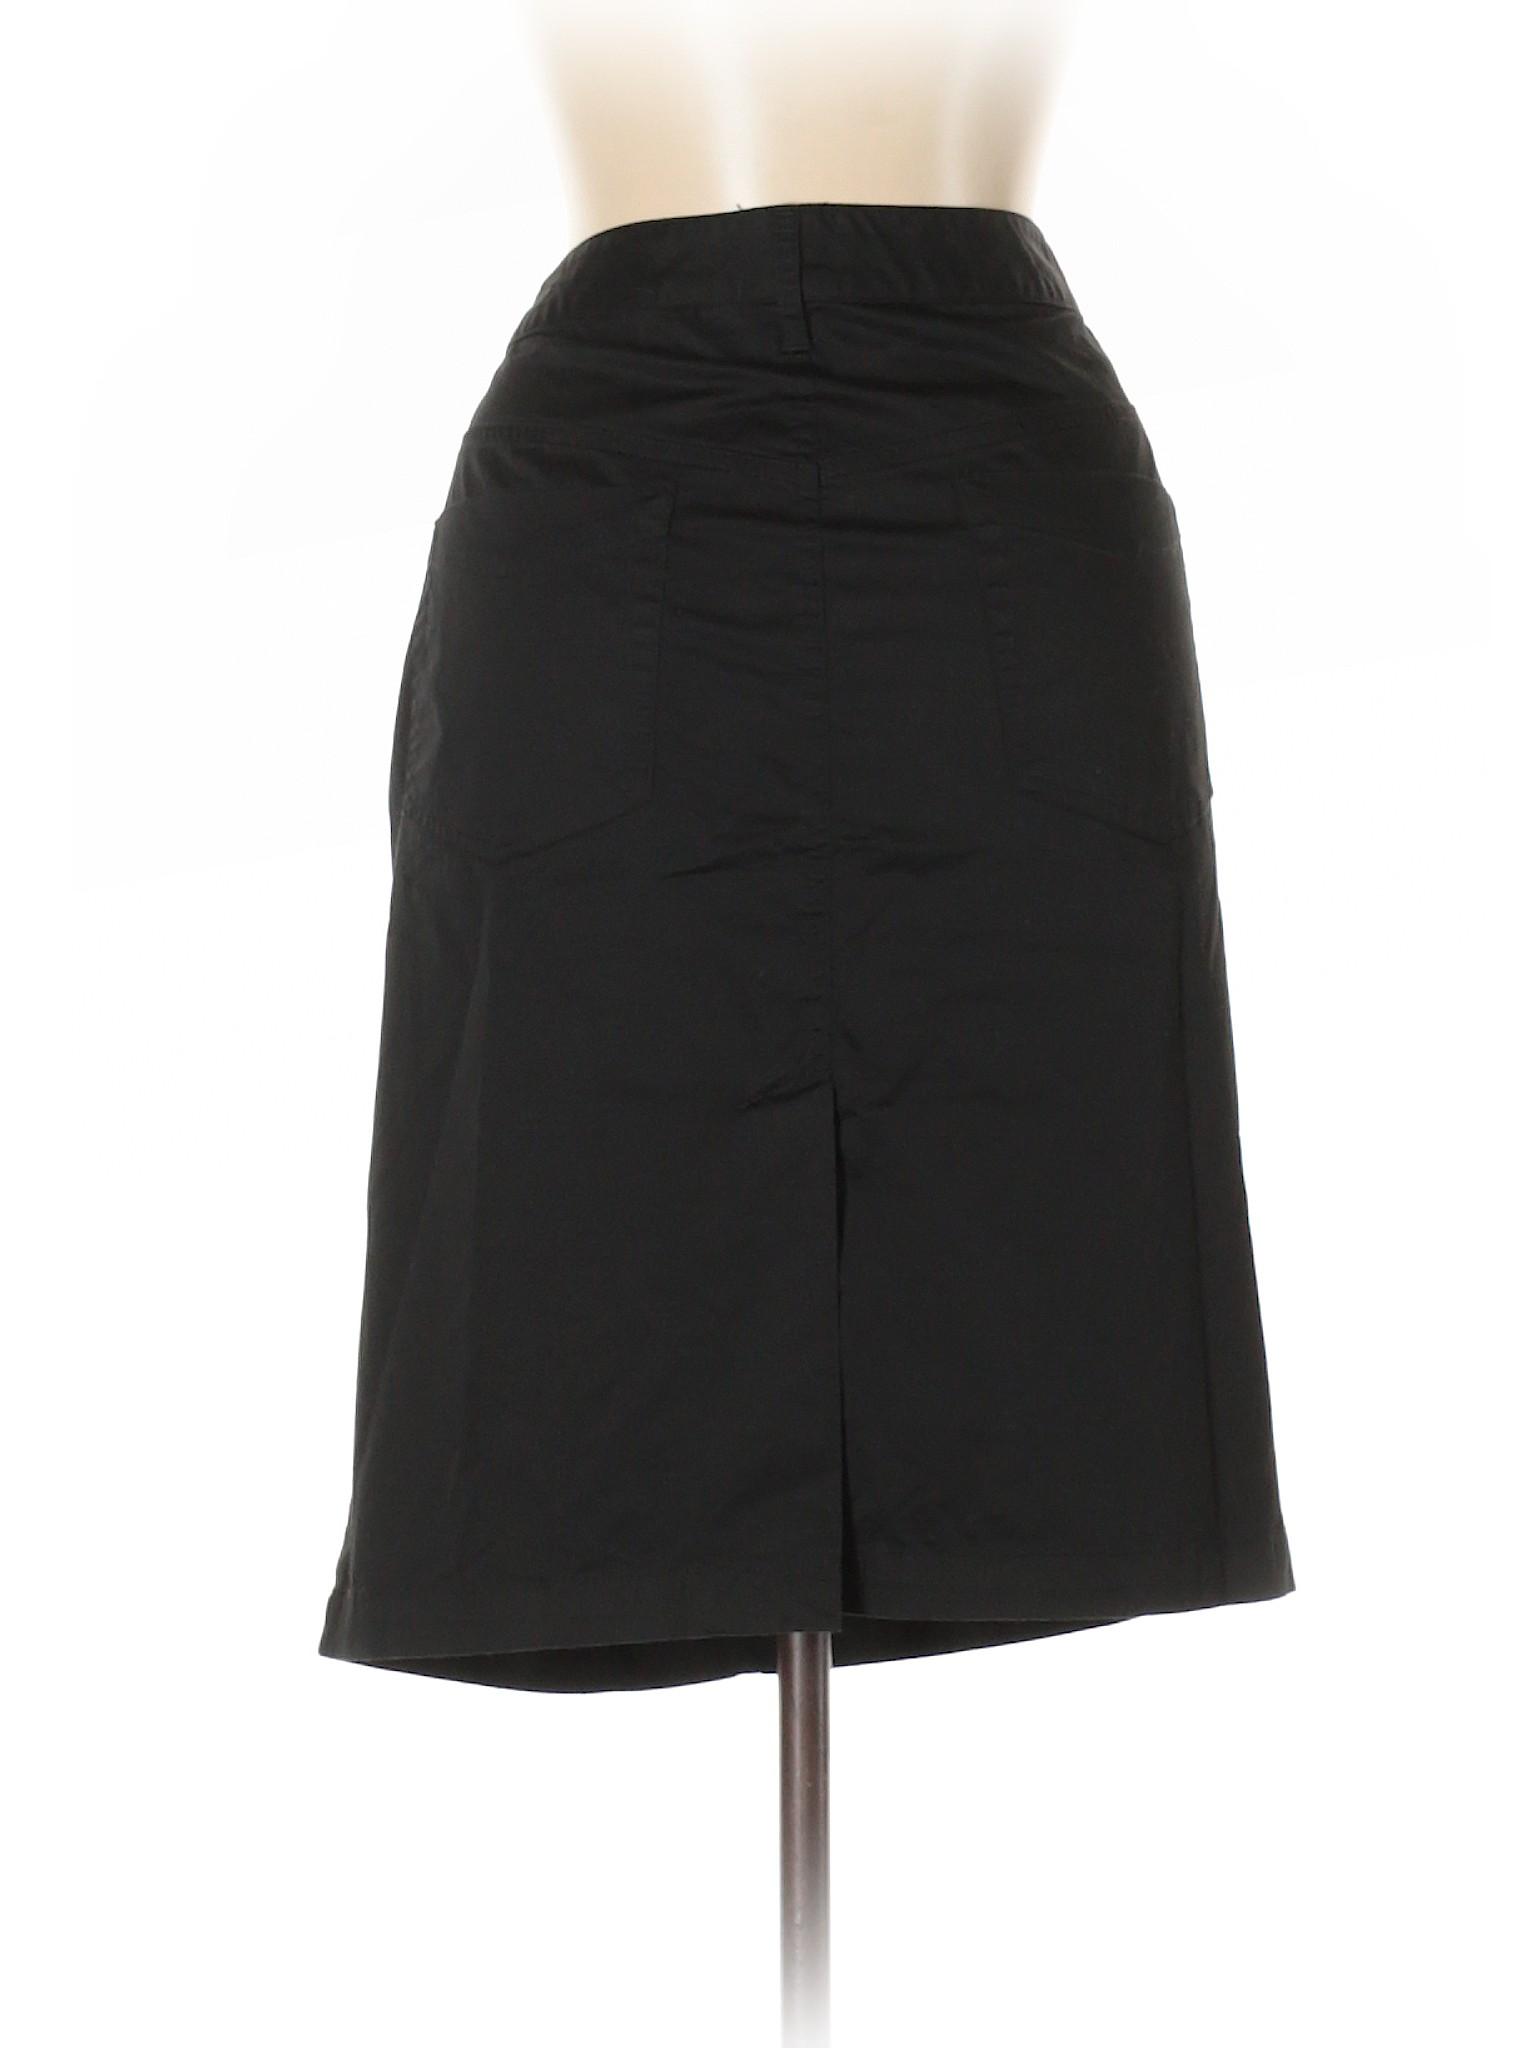 Skirt Skirt Skirt Boutique Formal Boutique Skirt Formal Boutique Formal Formal Boutique Boutique Skirt Formal Boutique Boutique Formal Skirt Eq6xfz